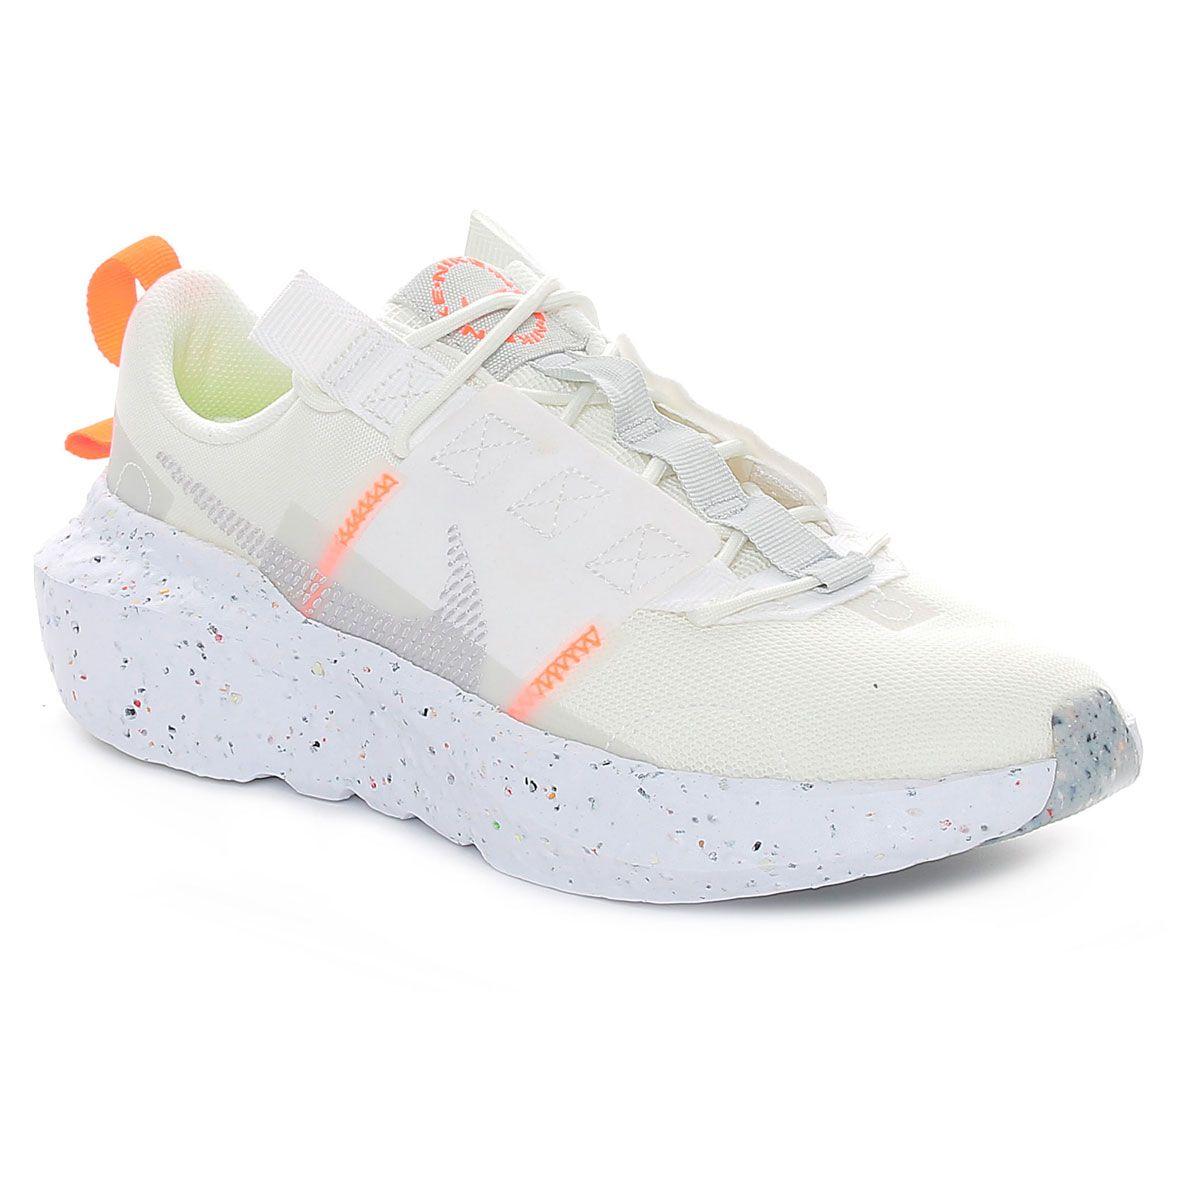 Nike Crater Impact Uomo Bianco Grigio